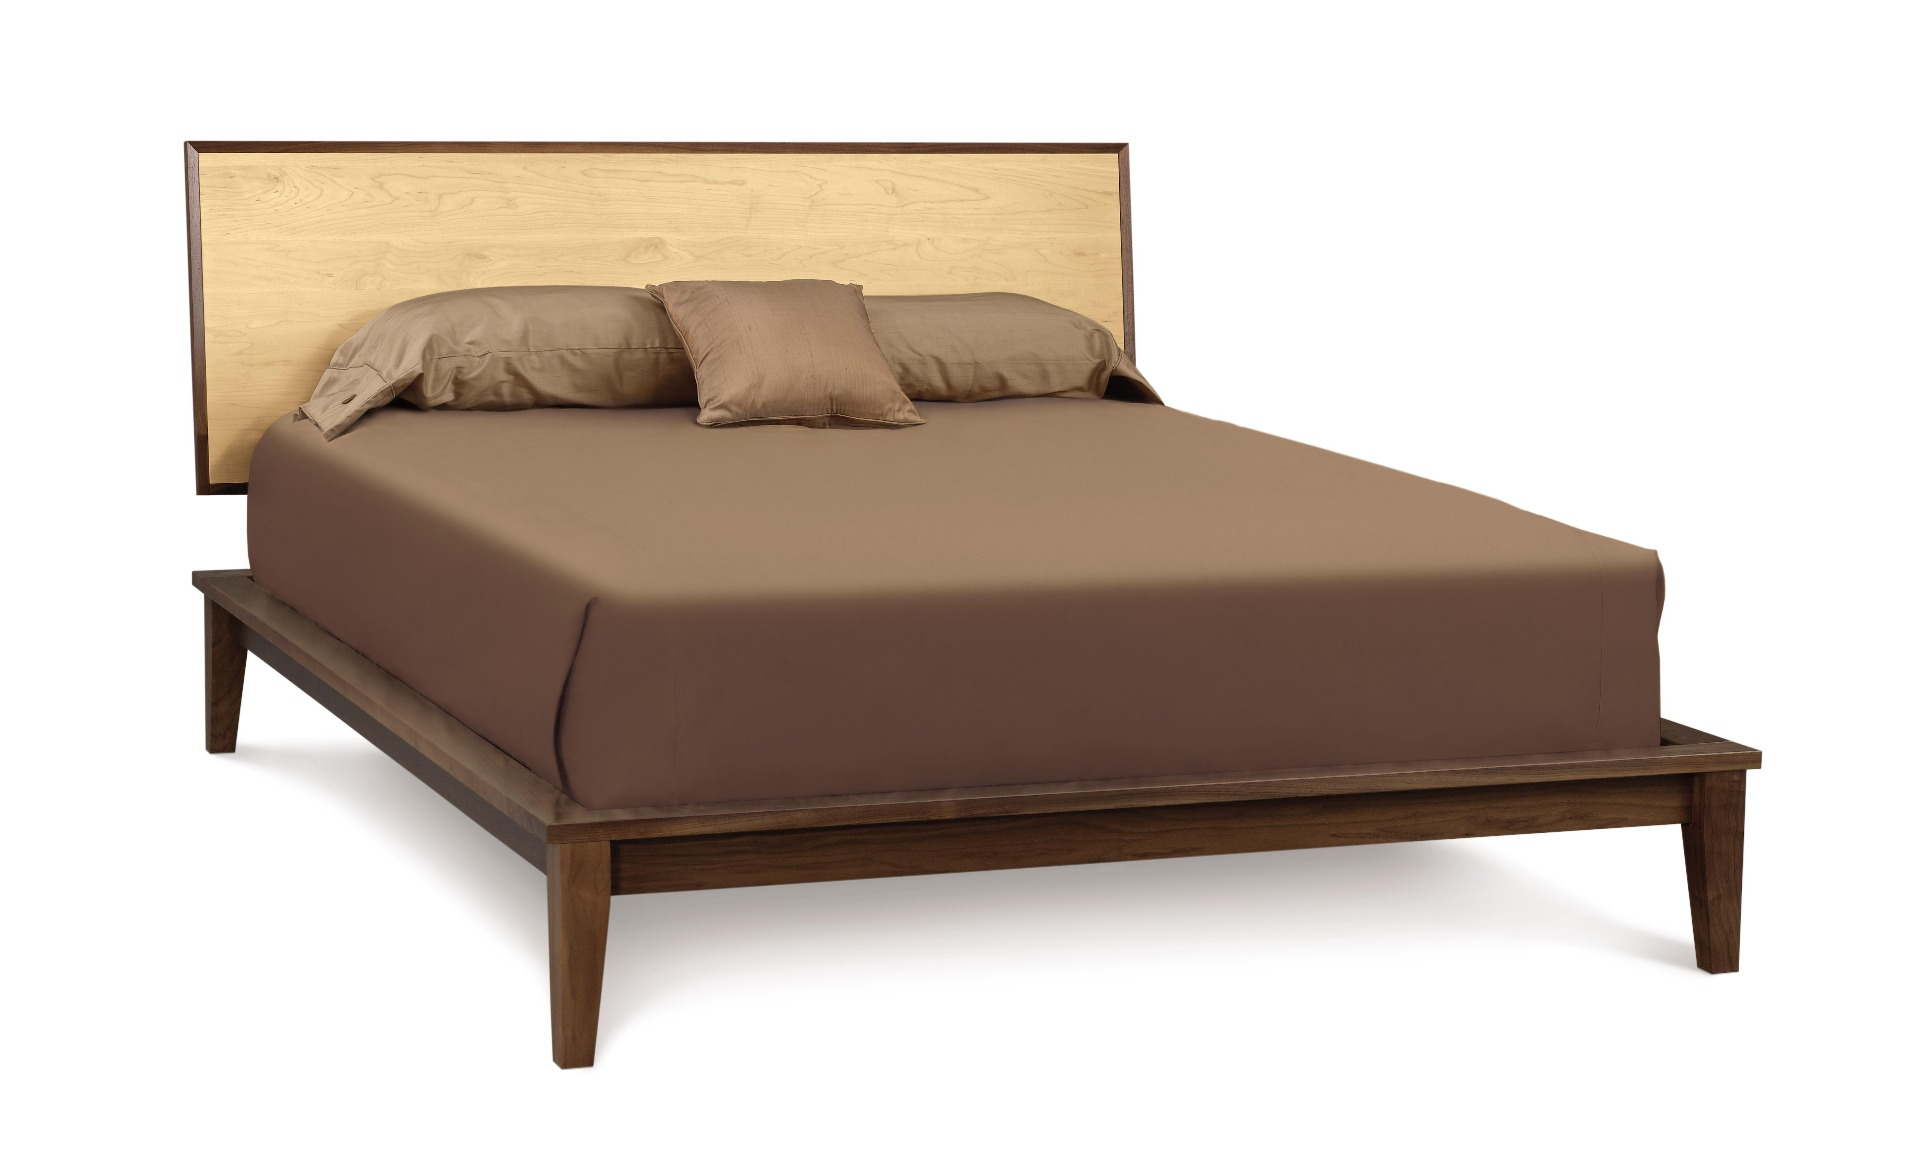 . SoHo Modern Platform Bed